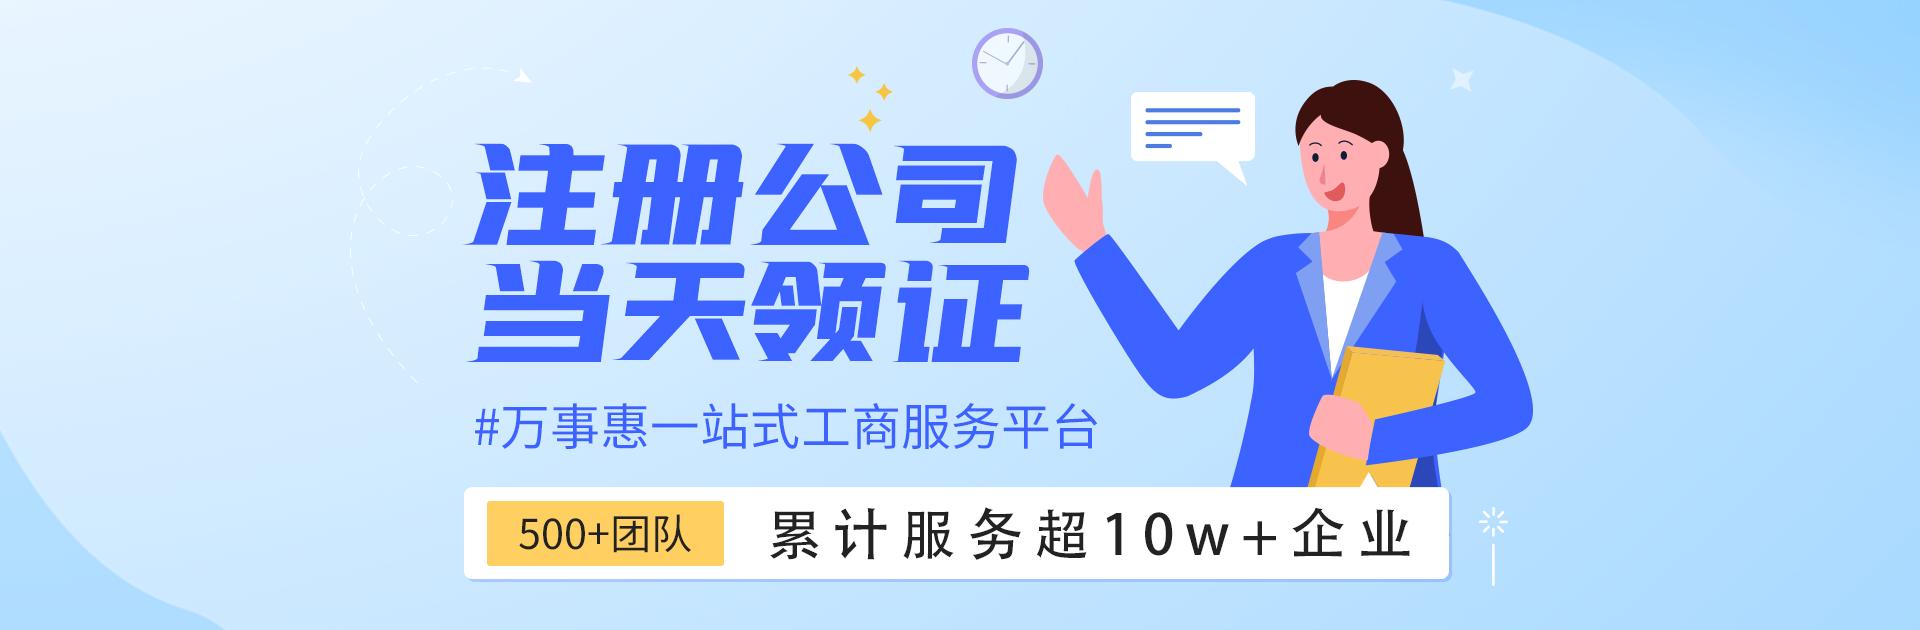 深圳公司注册_代办注册公司_代理工商注册-万事惠